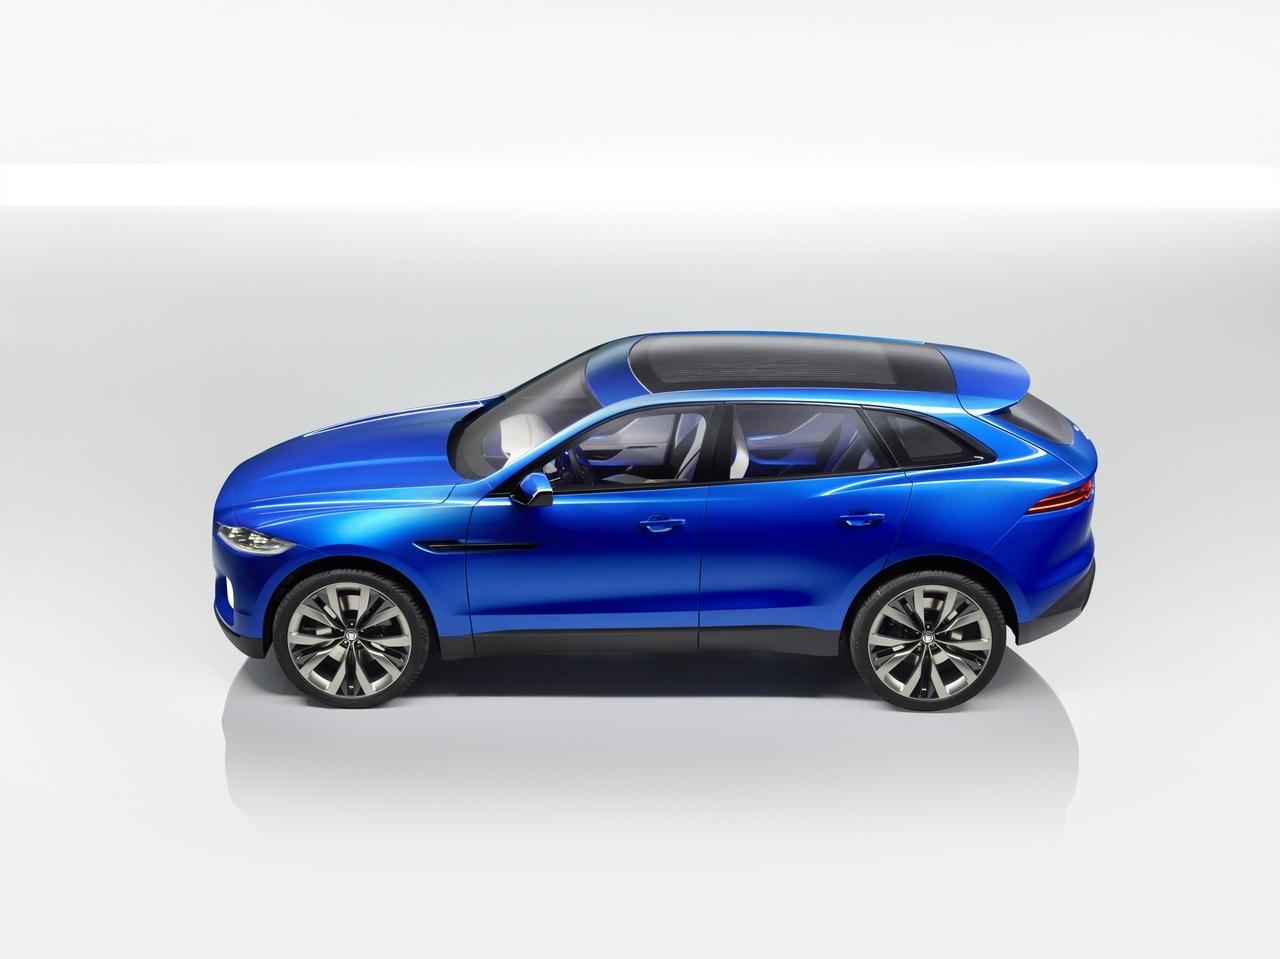 jaguar-c-x17-sports-crossover-concept_20-100